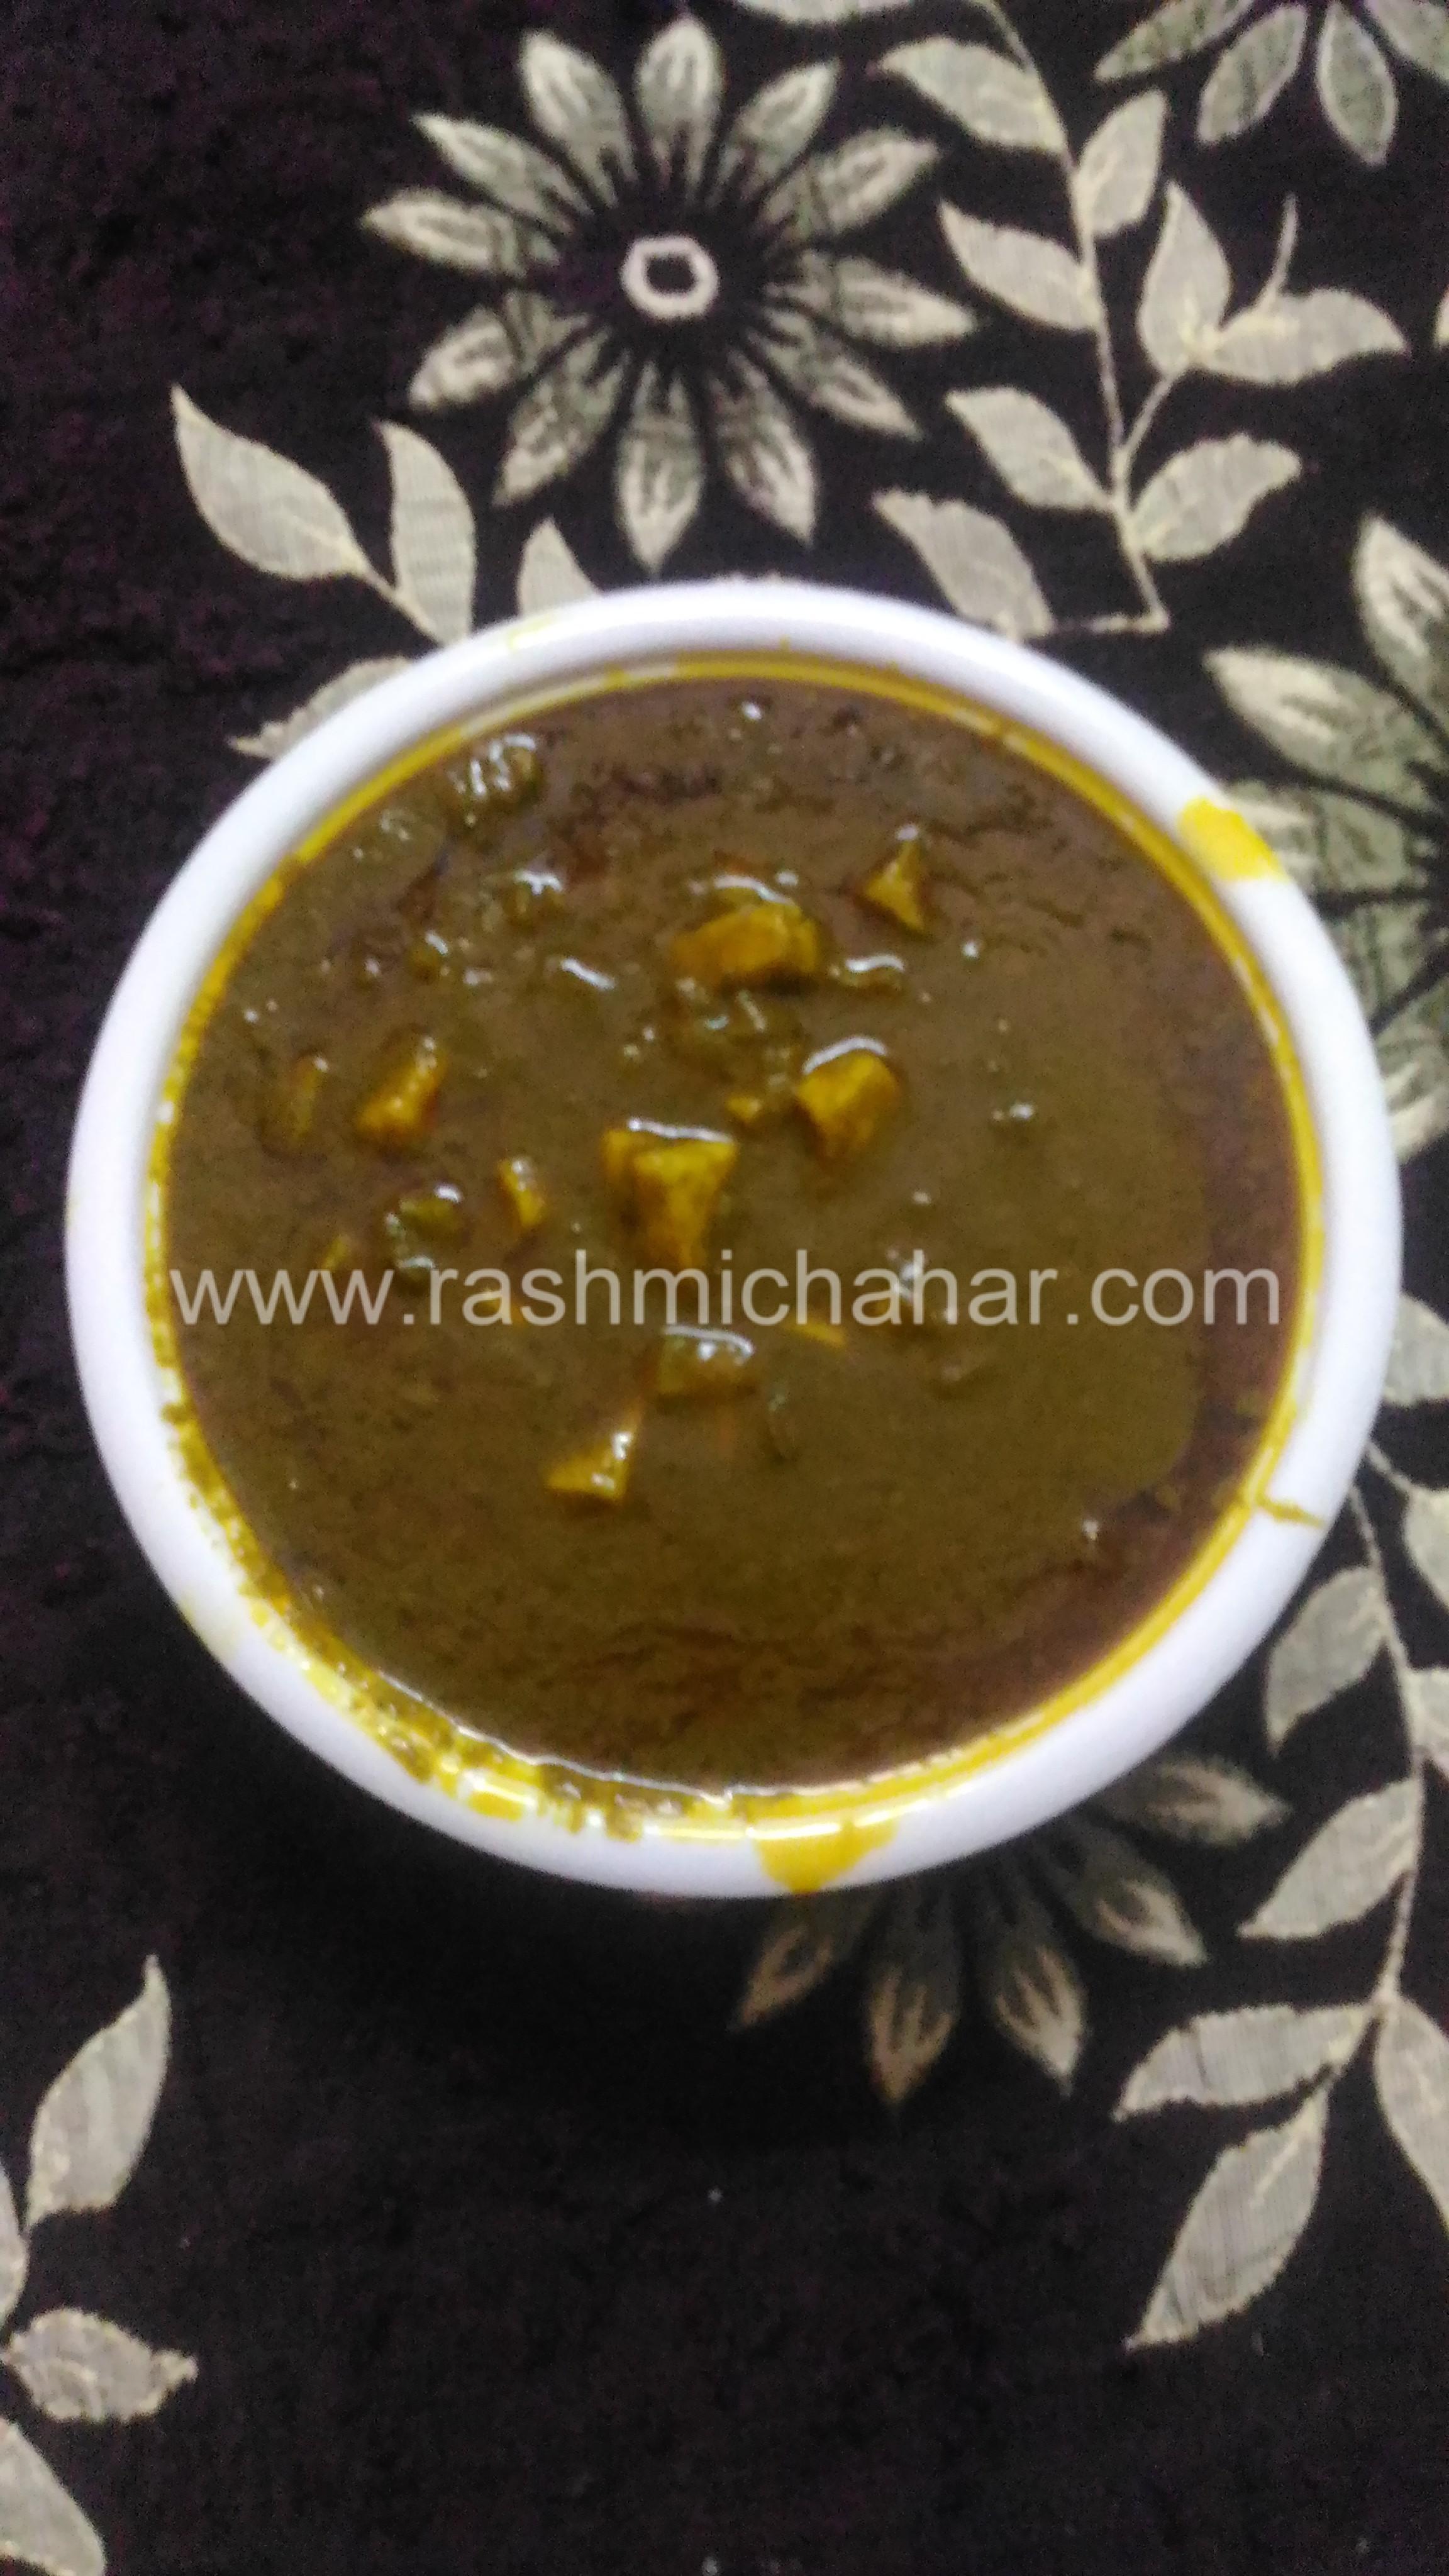 पालक पनीर की सब्जी बनाना | How to make Palak paneer sabji